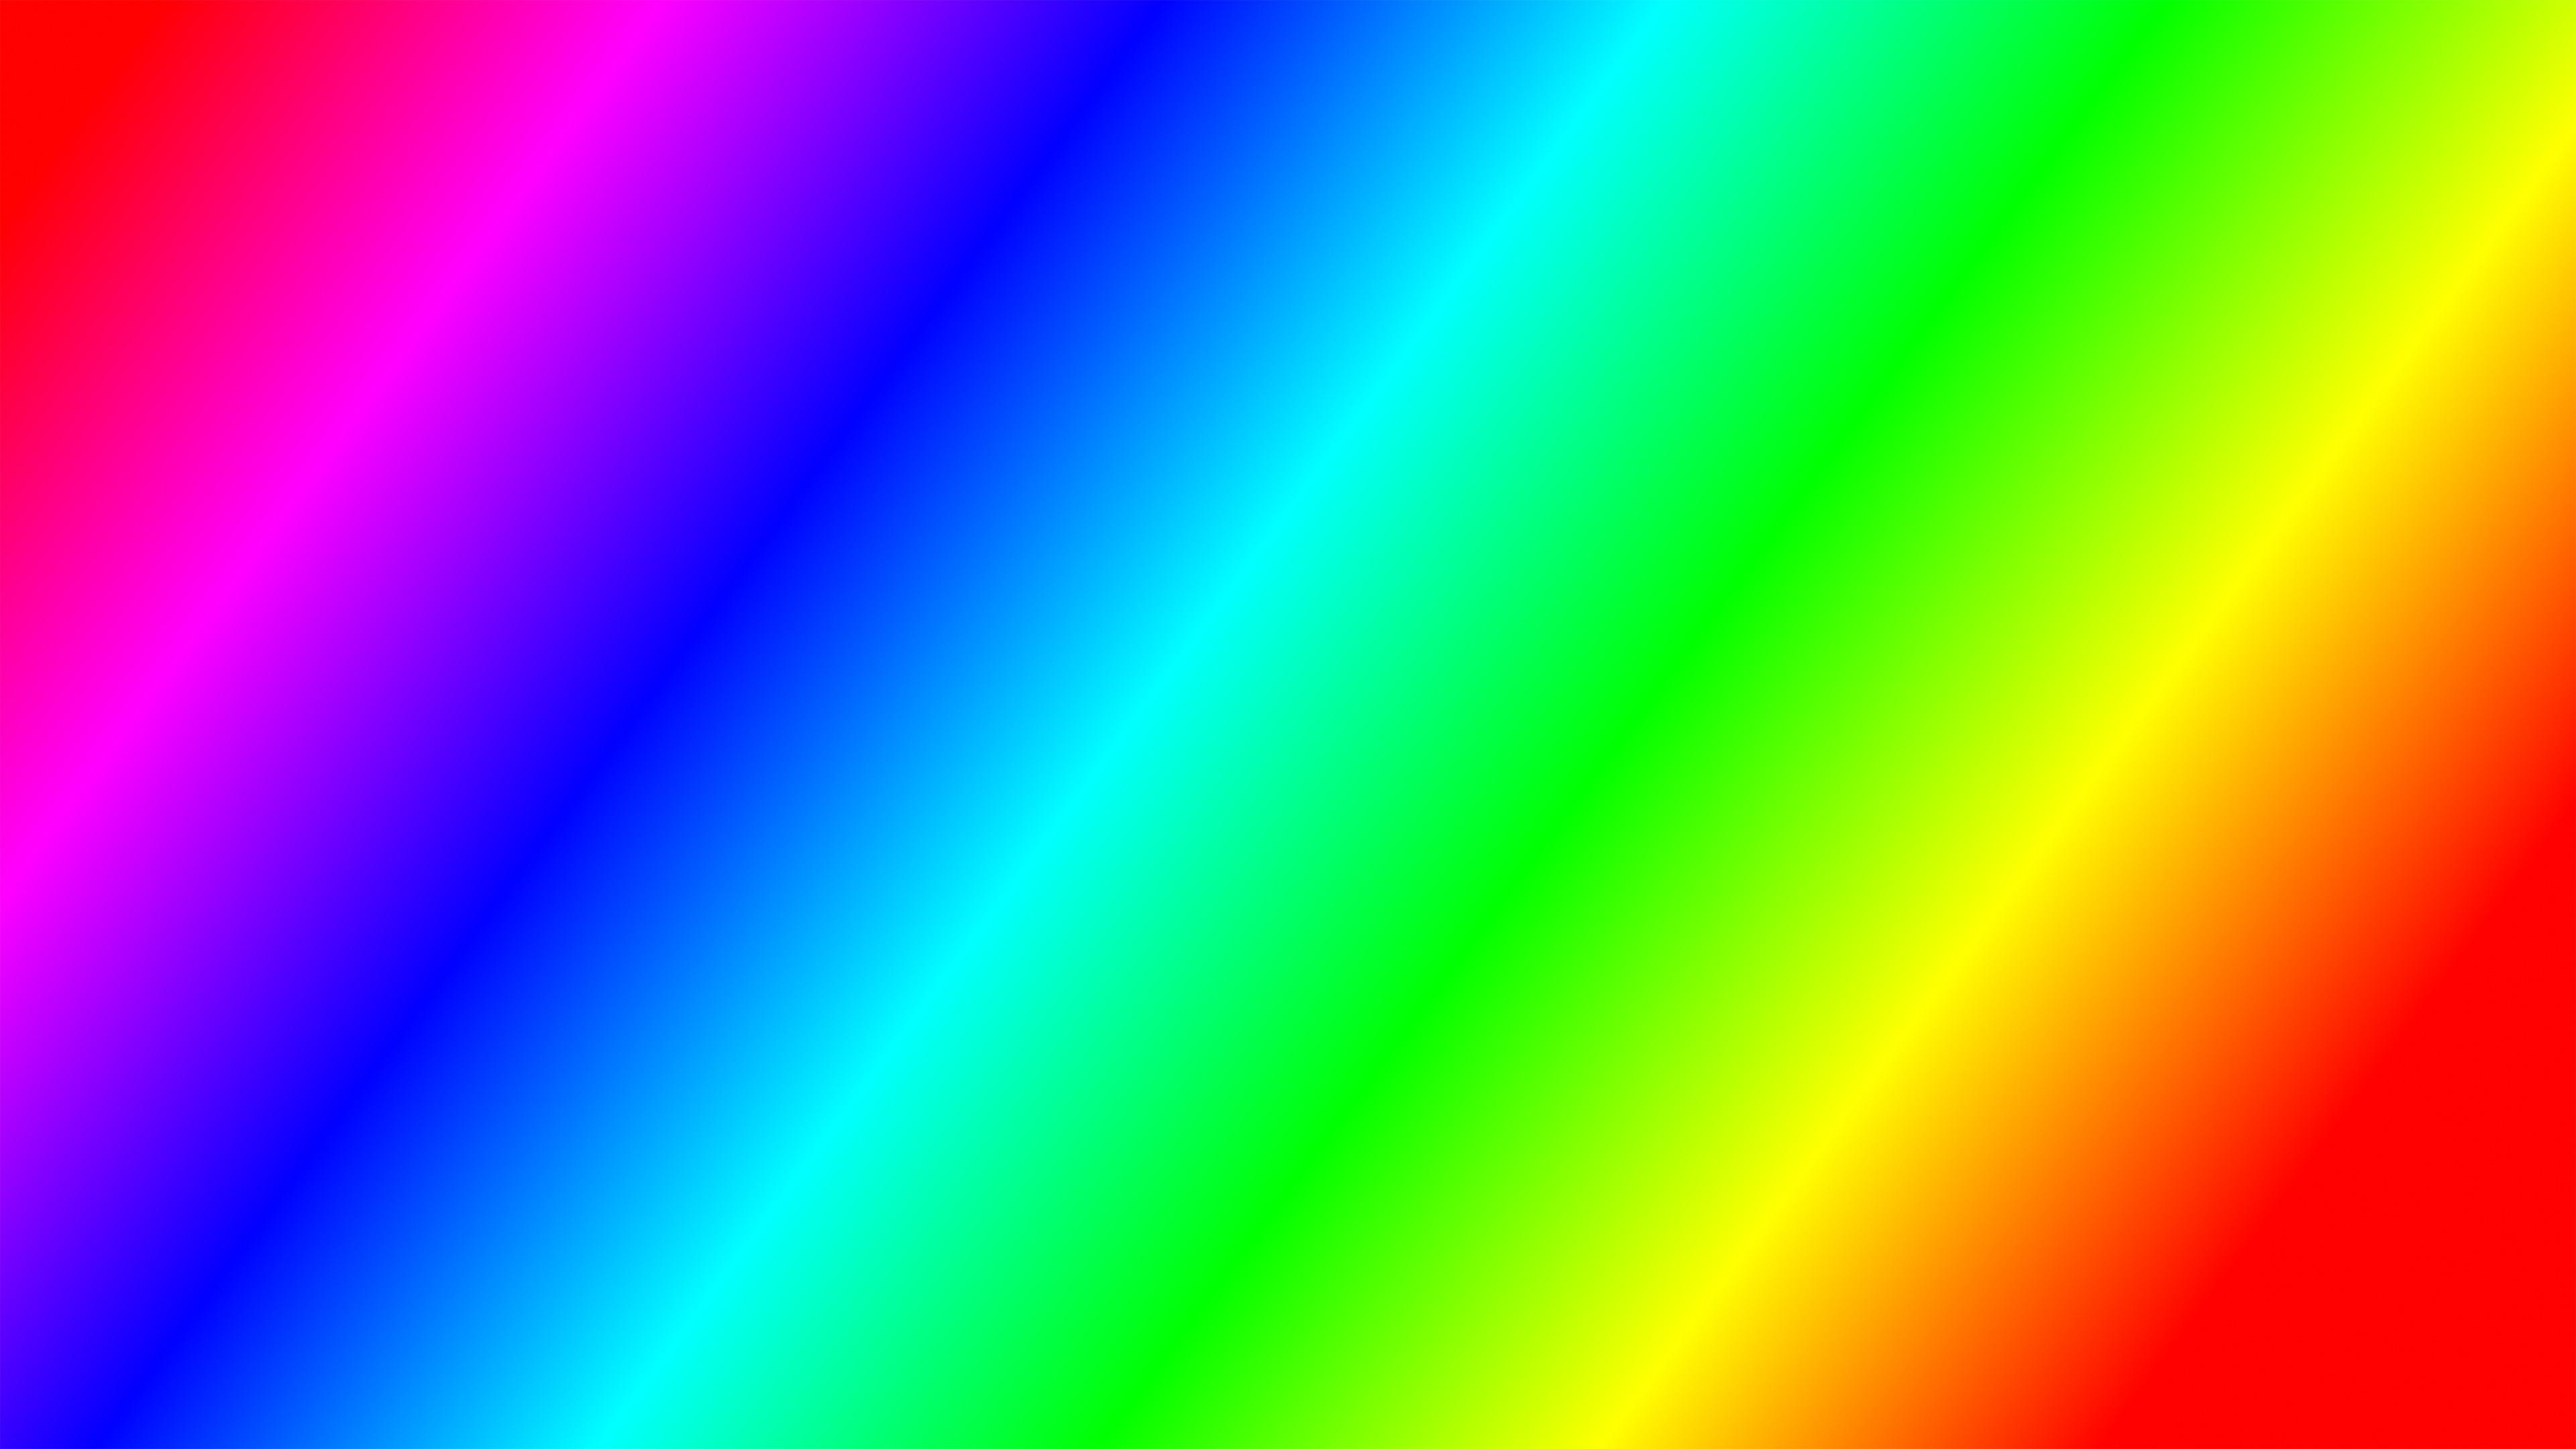 Hình nền dải màu cầu vồng Trừu Tượng